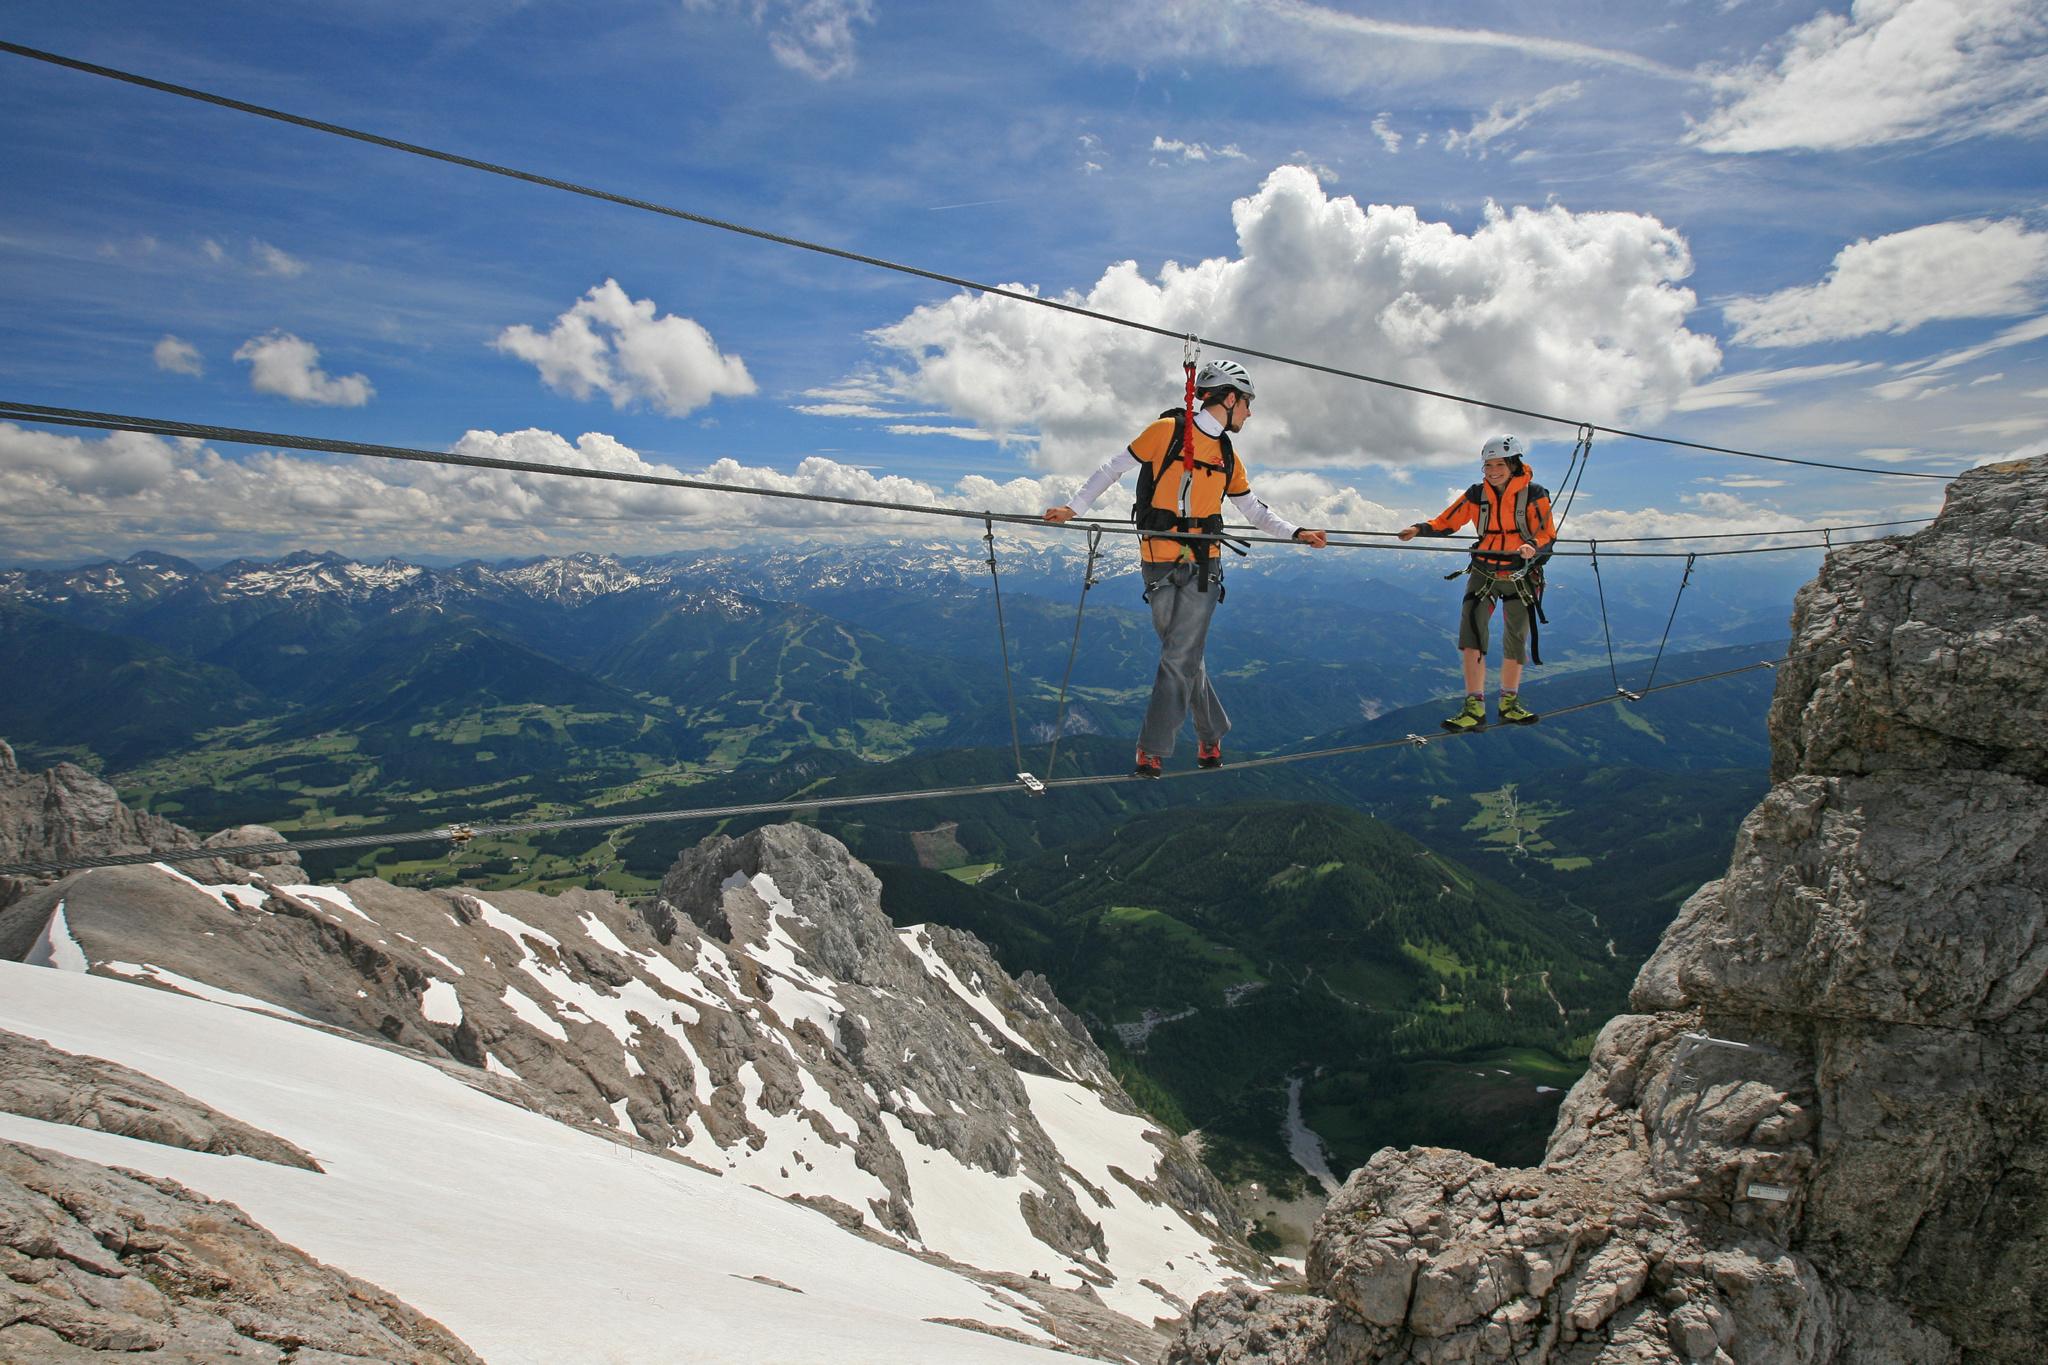 Klettersteig Johann Dachstein : Klettern klettersteige u hinkerhof